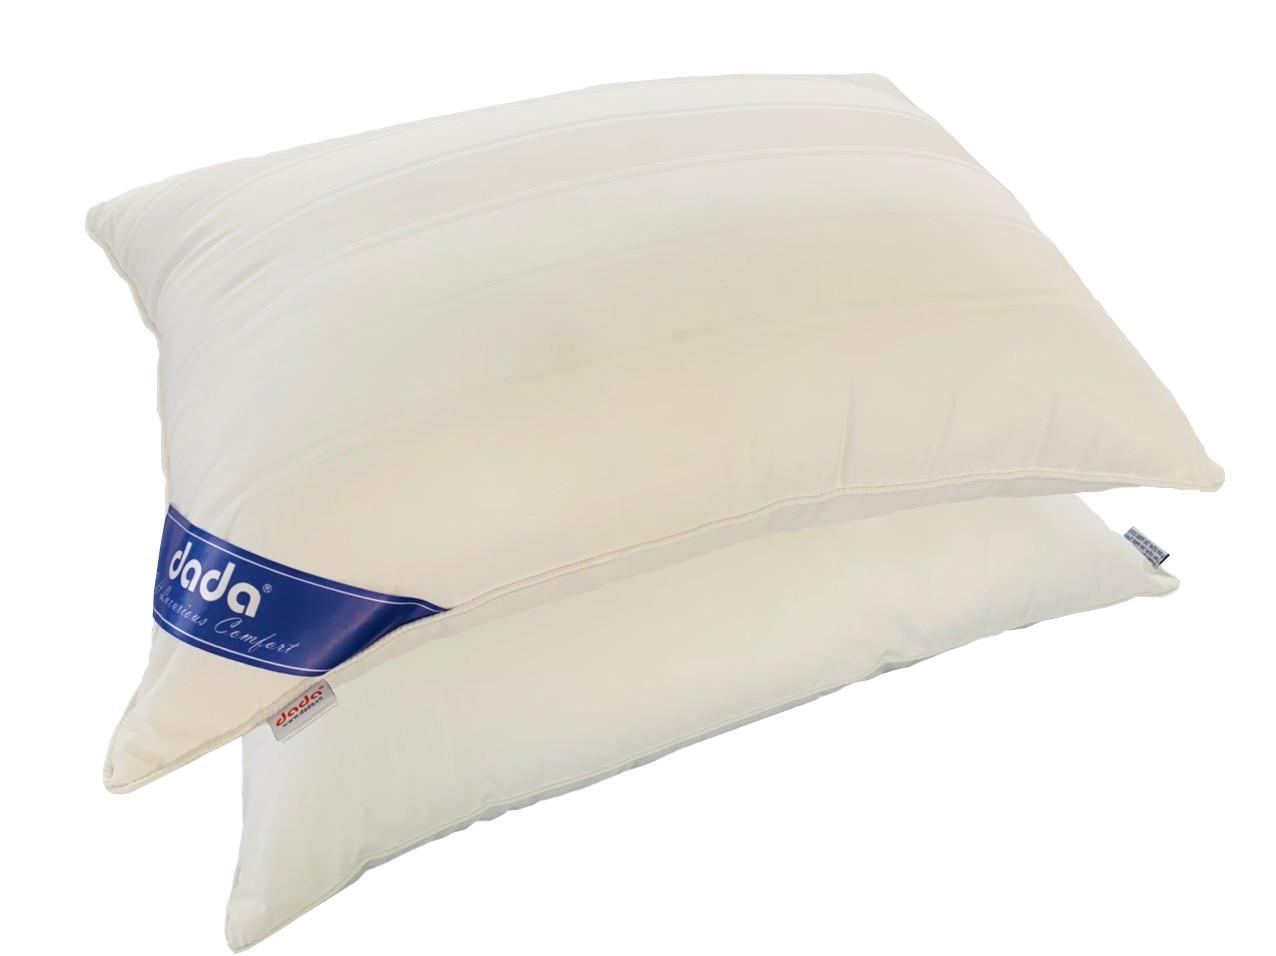 Đôi ruột gối, combo ruột gối nằm DADA  loại VIP  chất liệu Microfiber sản xuất theo dây chuyền công nghệ cao( Tặng kèm áo gối)- Hàng Chính Hãng